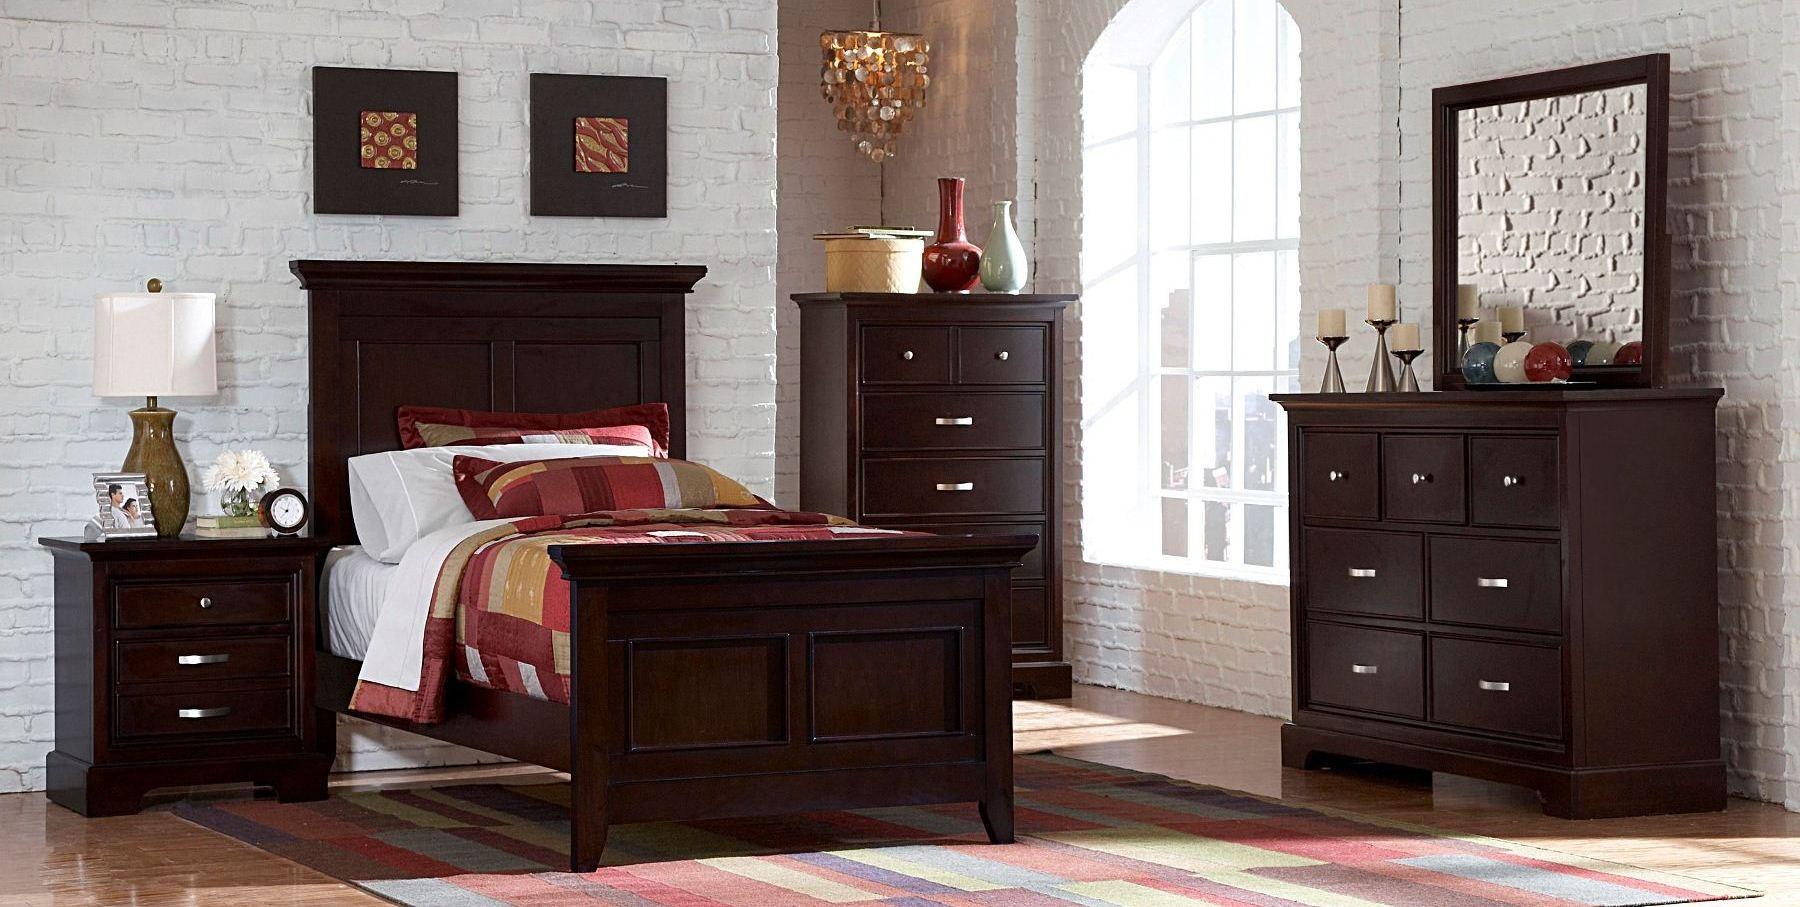 glamour panel bedroom set from homelegance 1349 coleman furniture. Black Bedroom Furniture Sets. Home Design Ideas